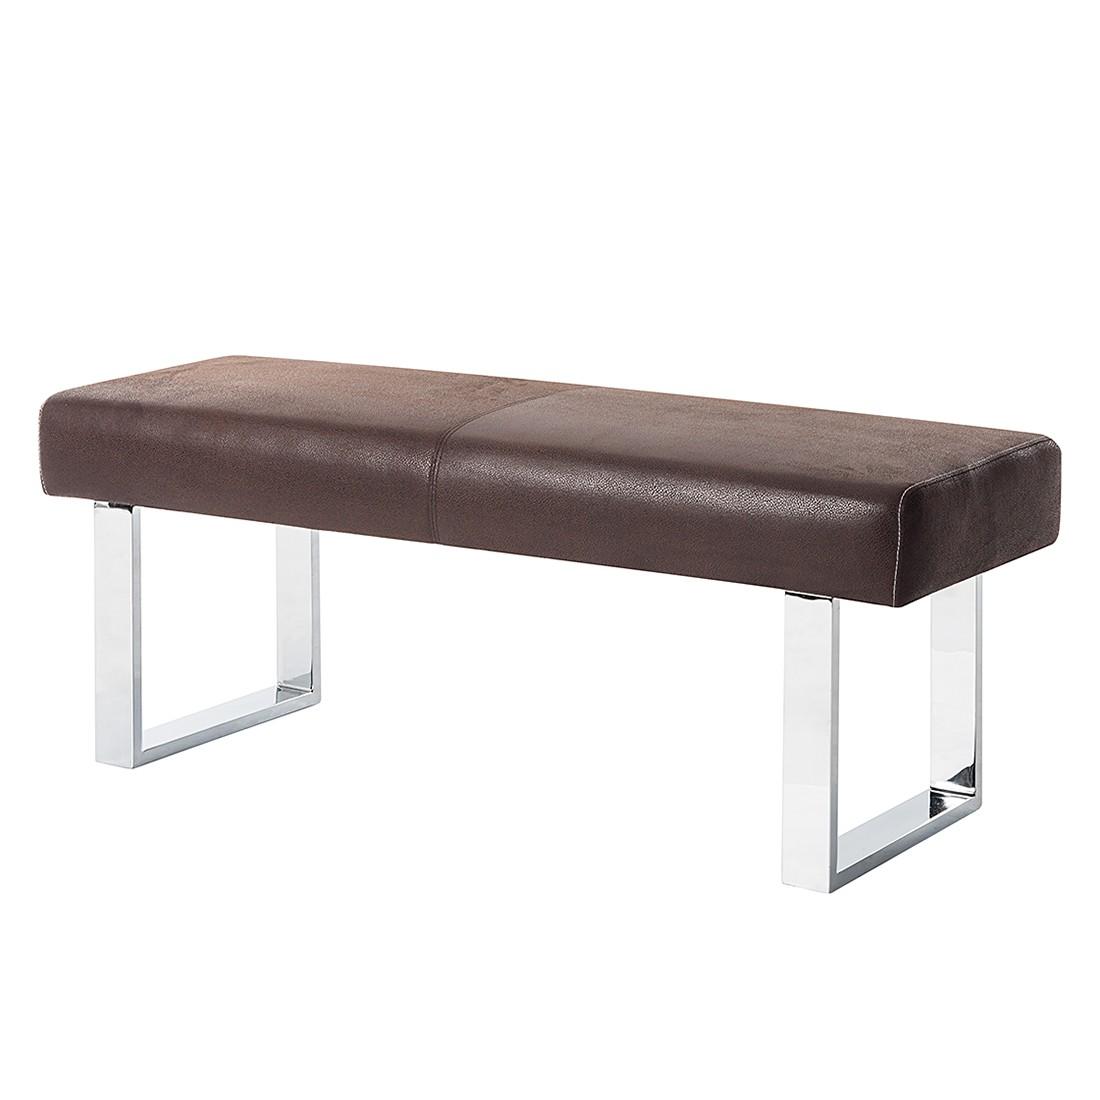 preisvergleich eu sitzbank 120 cm. Black Bedroom Furniture Sets. Home Design Ideas